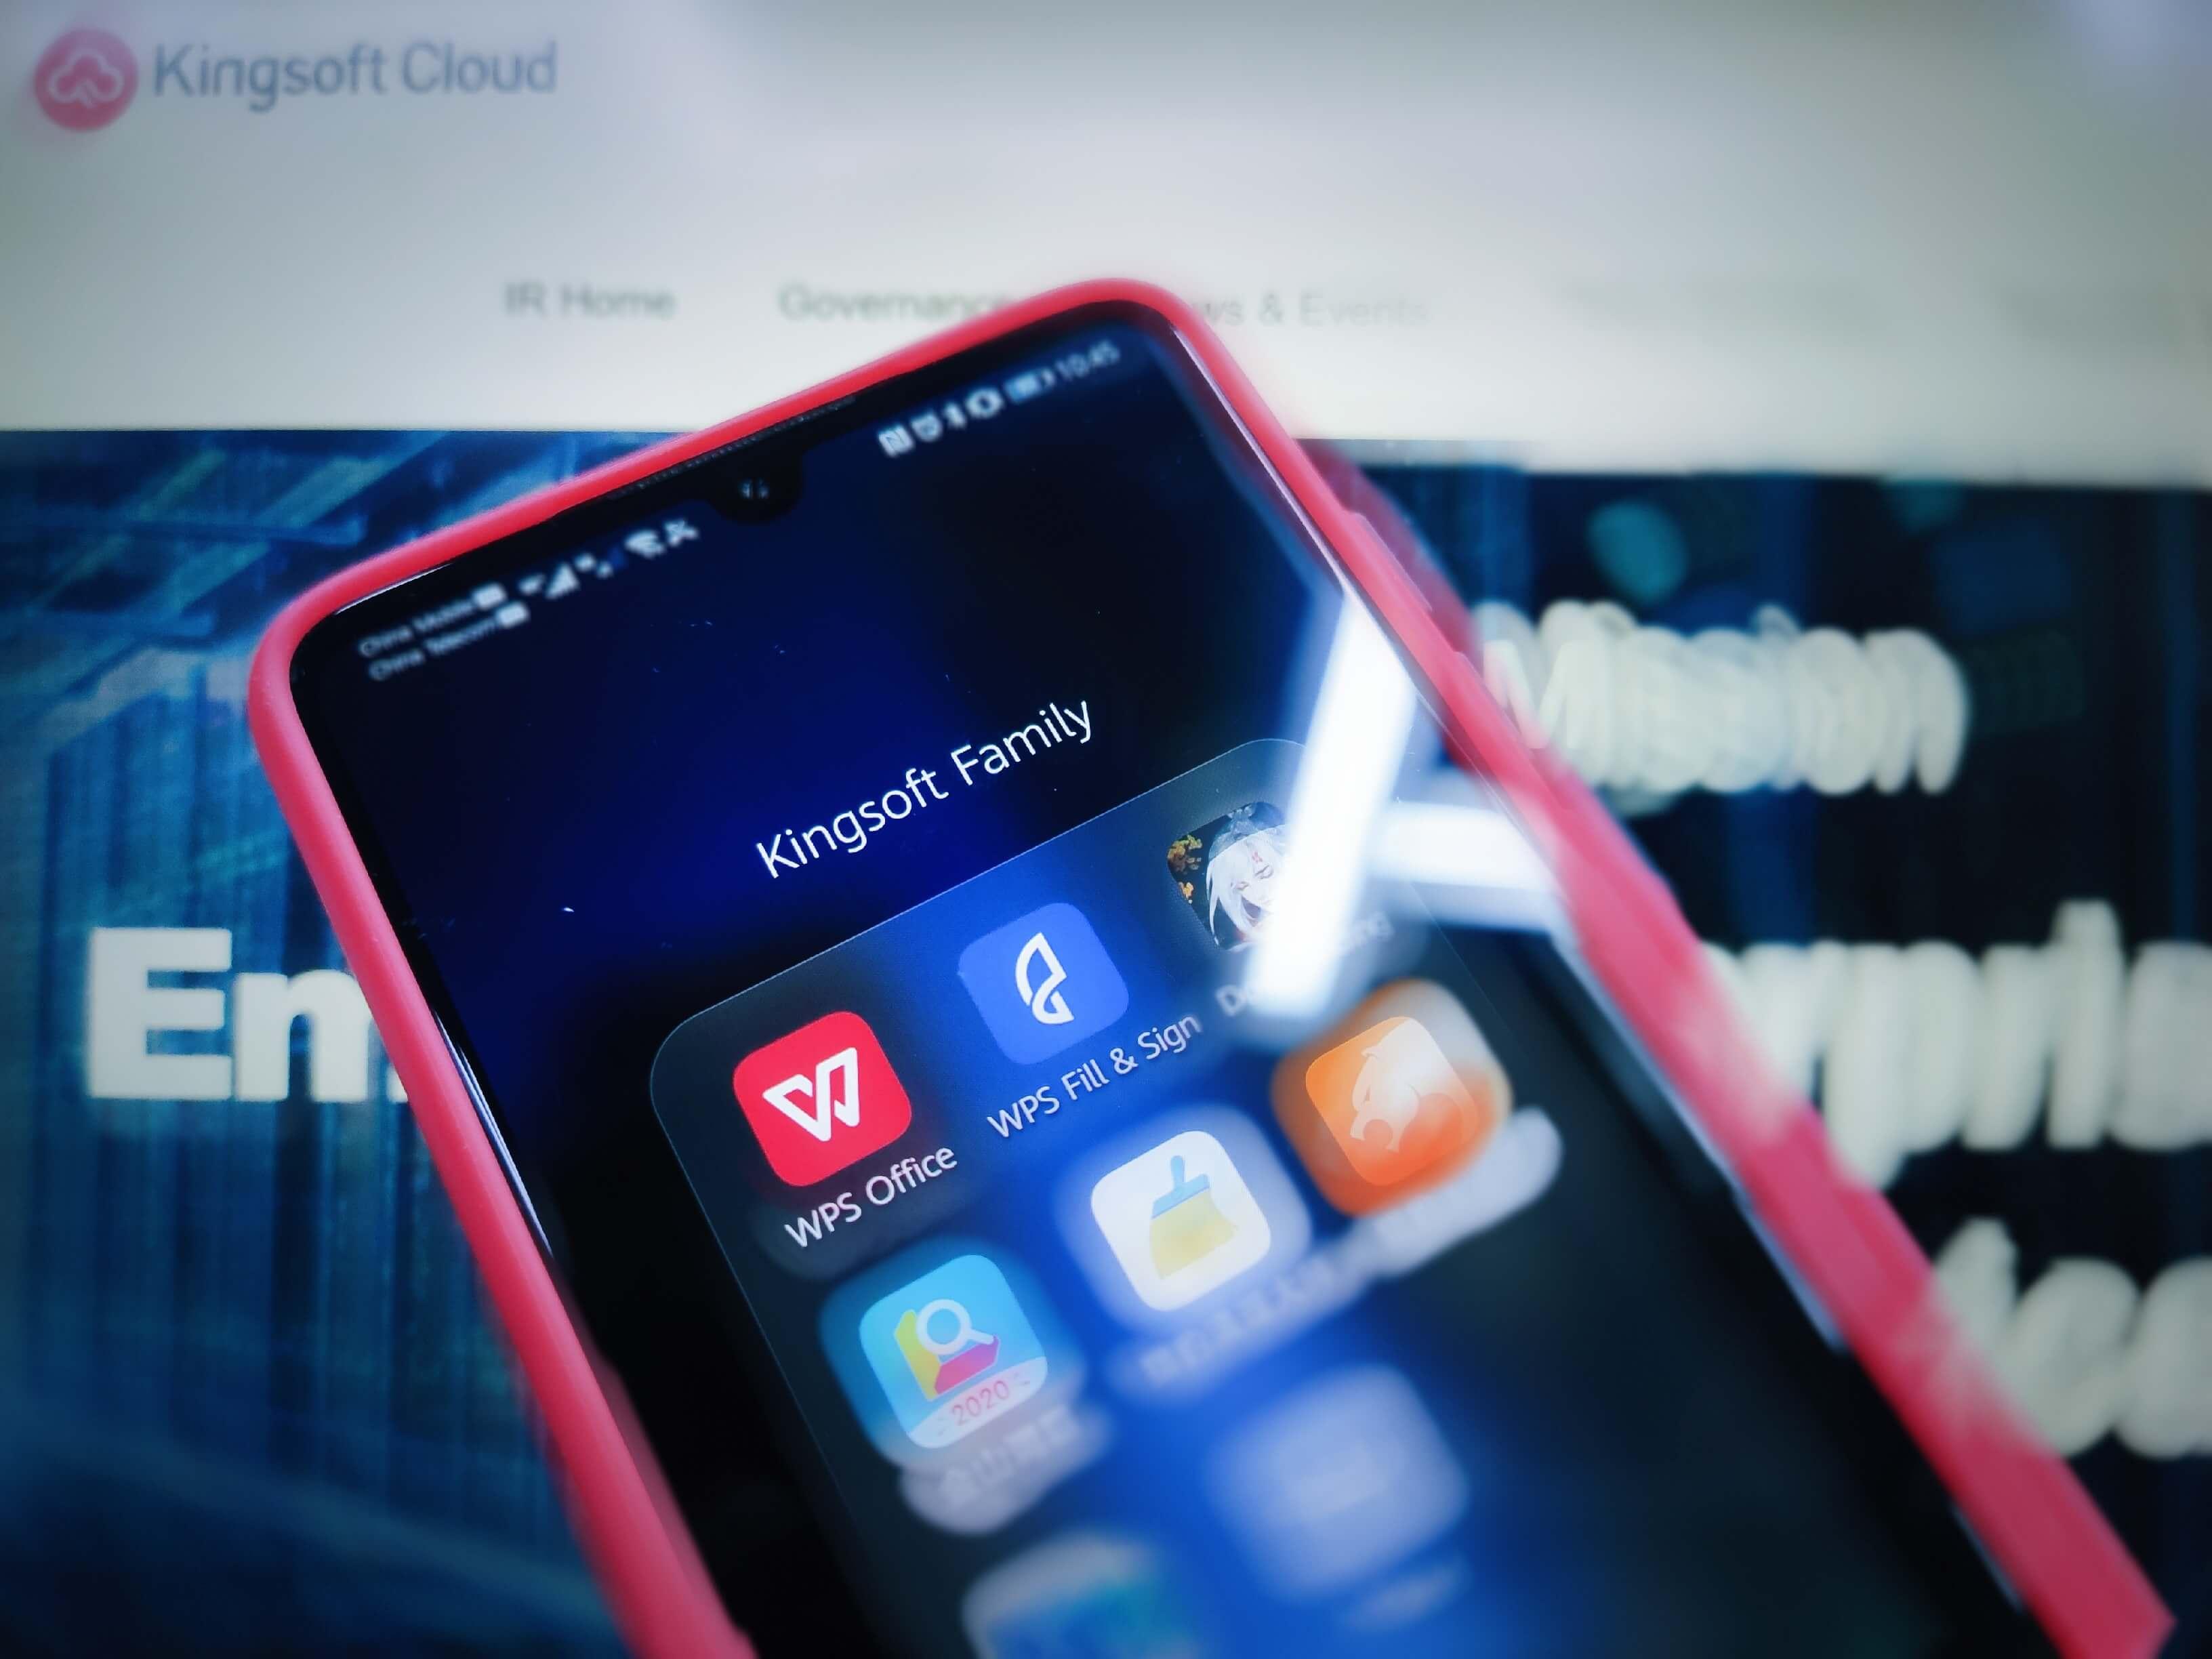 Kingsoft family mobile apps (part). Image credit: EqualOcean